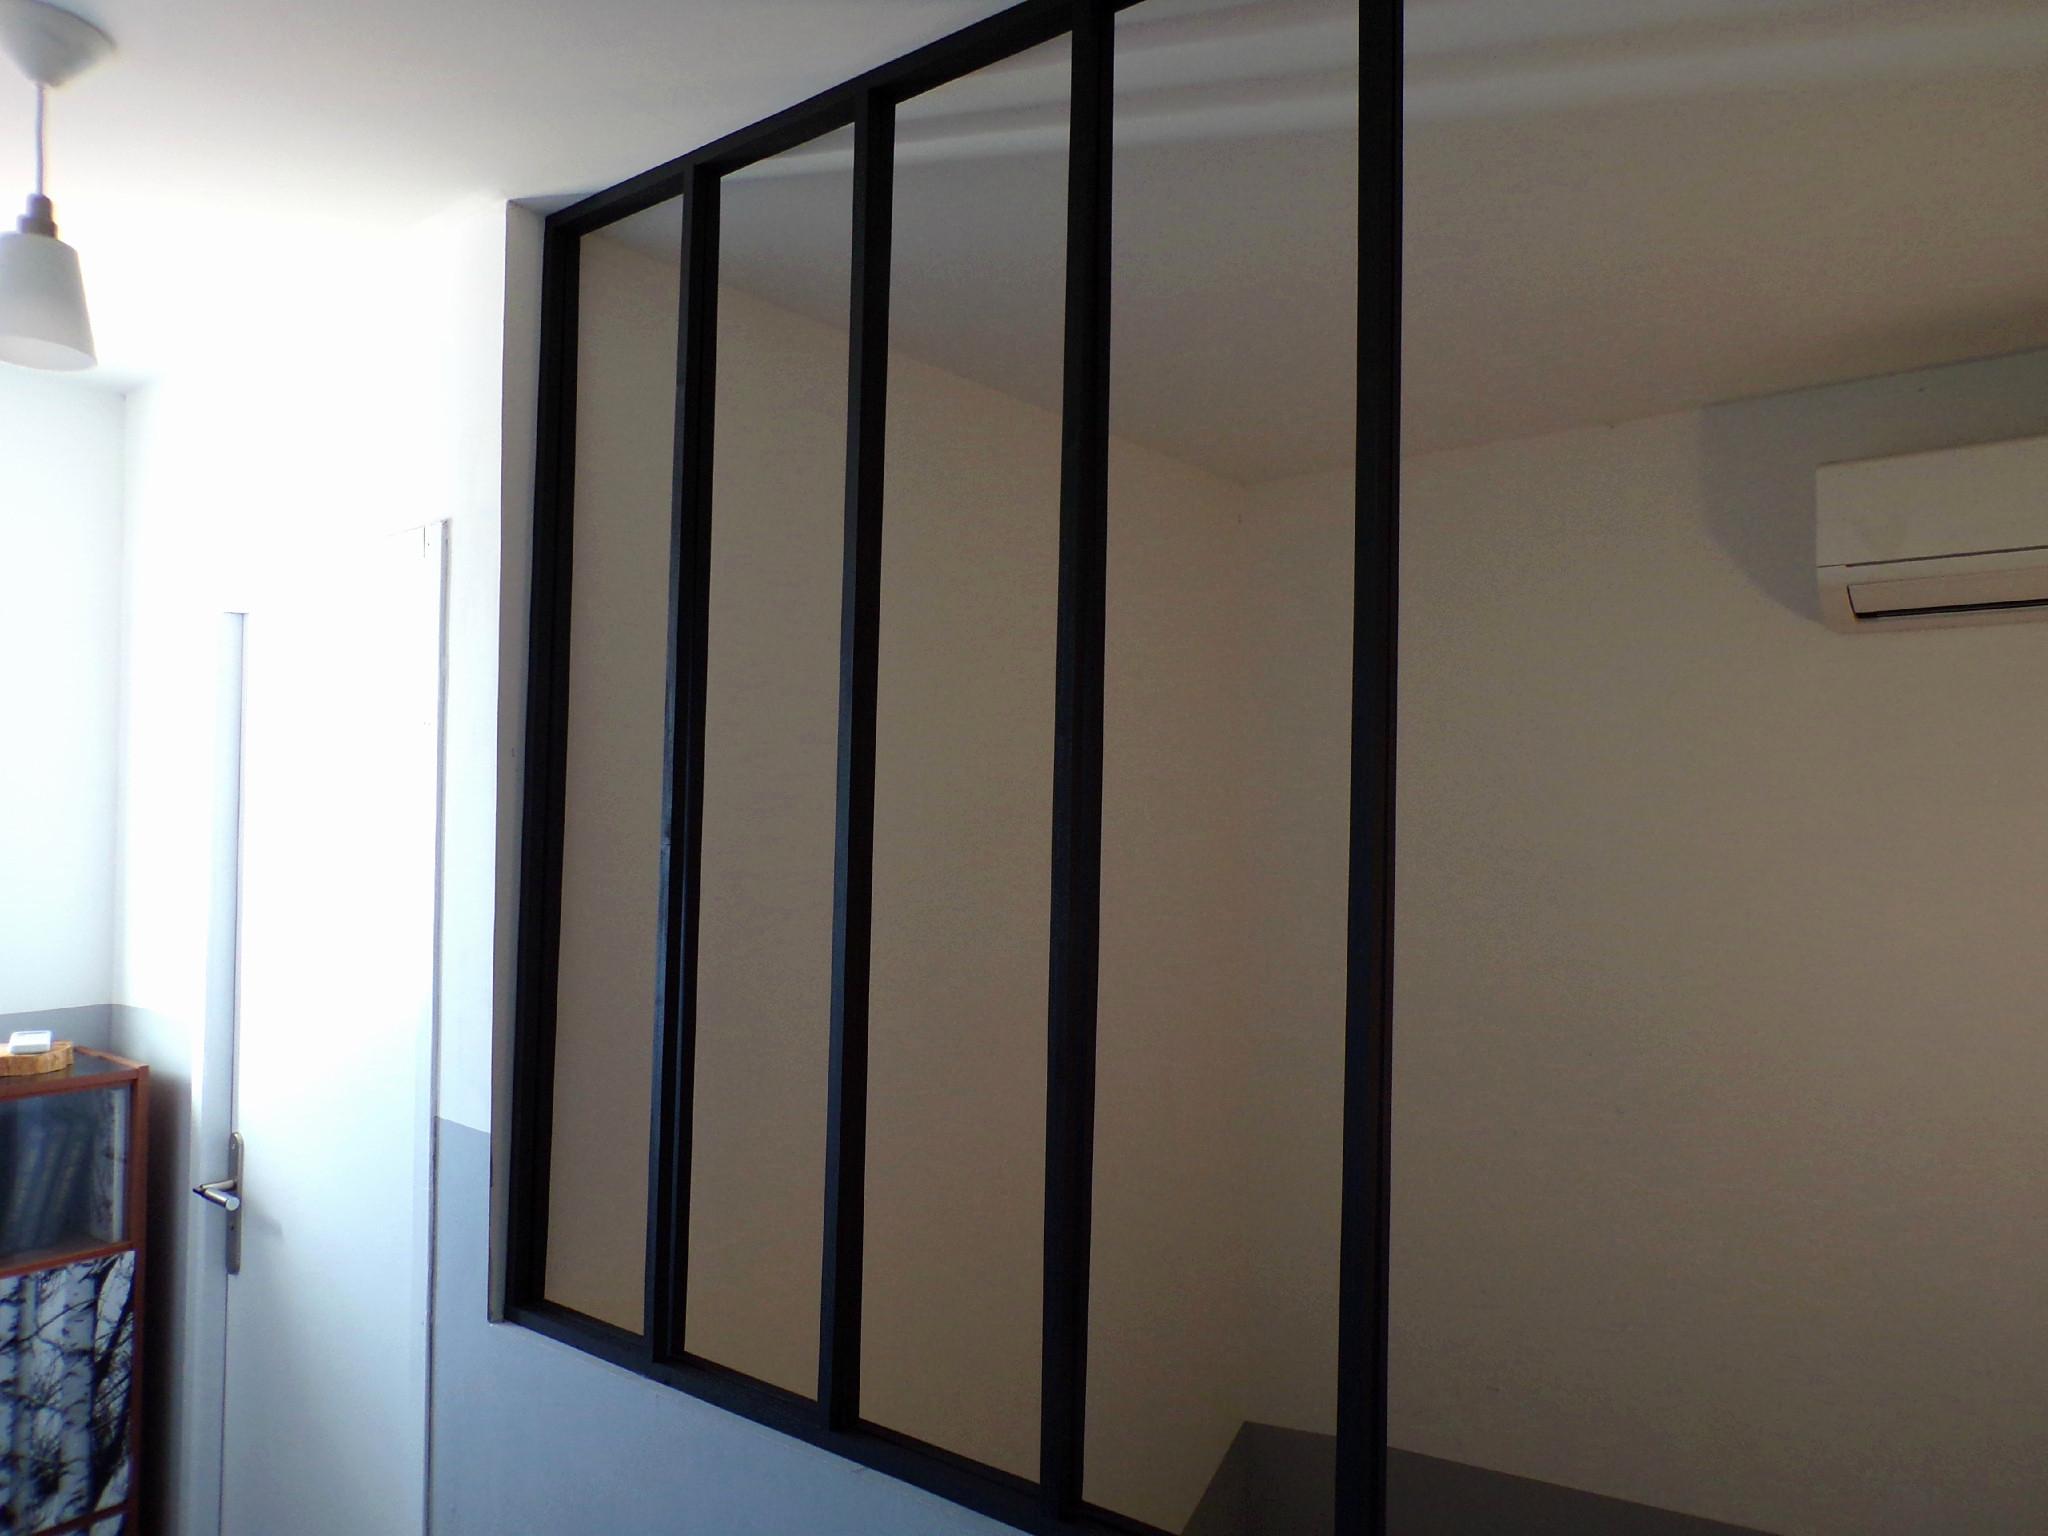 Leroy Merlin Miroir Sur Mesure Beau Images Les Presque Imposant Veranda Sur Mesure Mod¨le – Sullivanmaxx